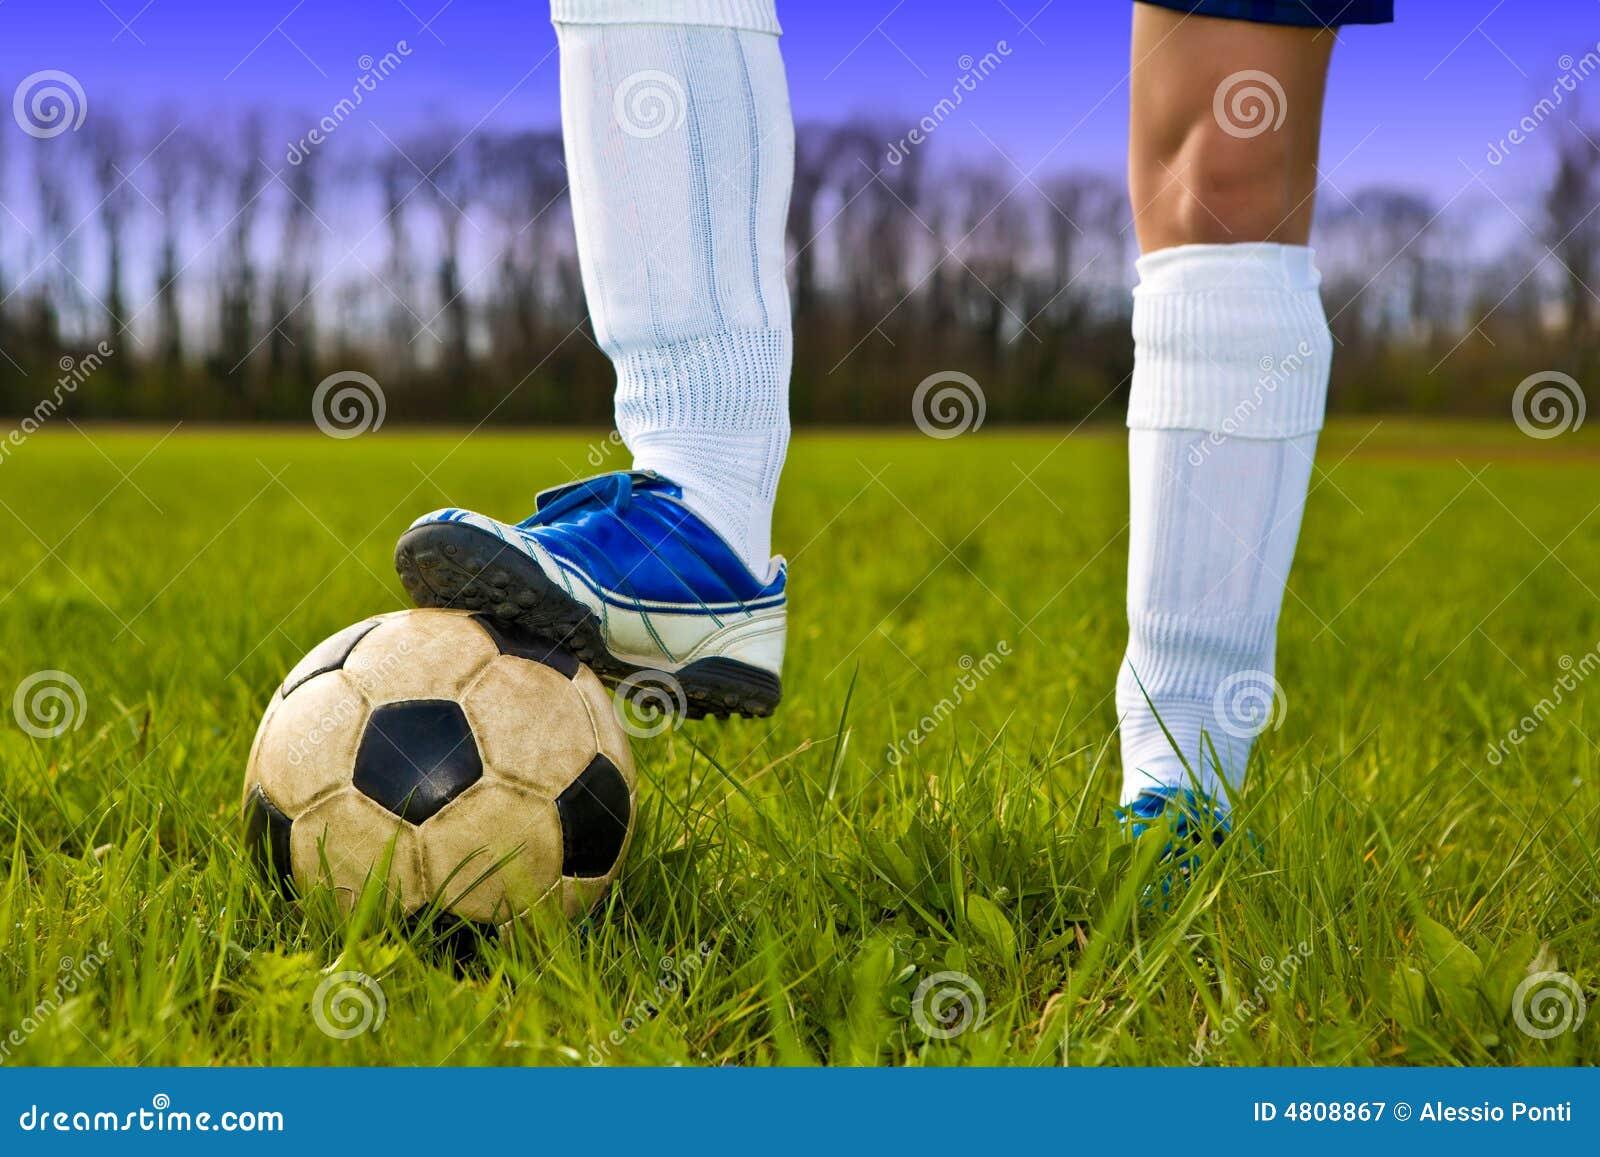 Bille de football et pieds de joueur